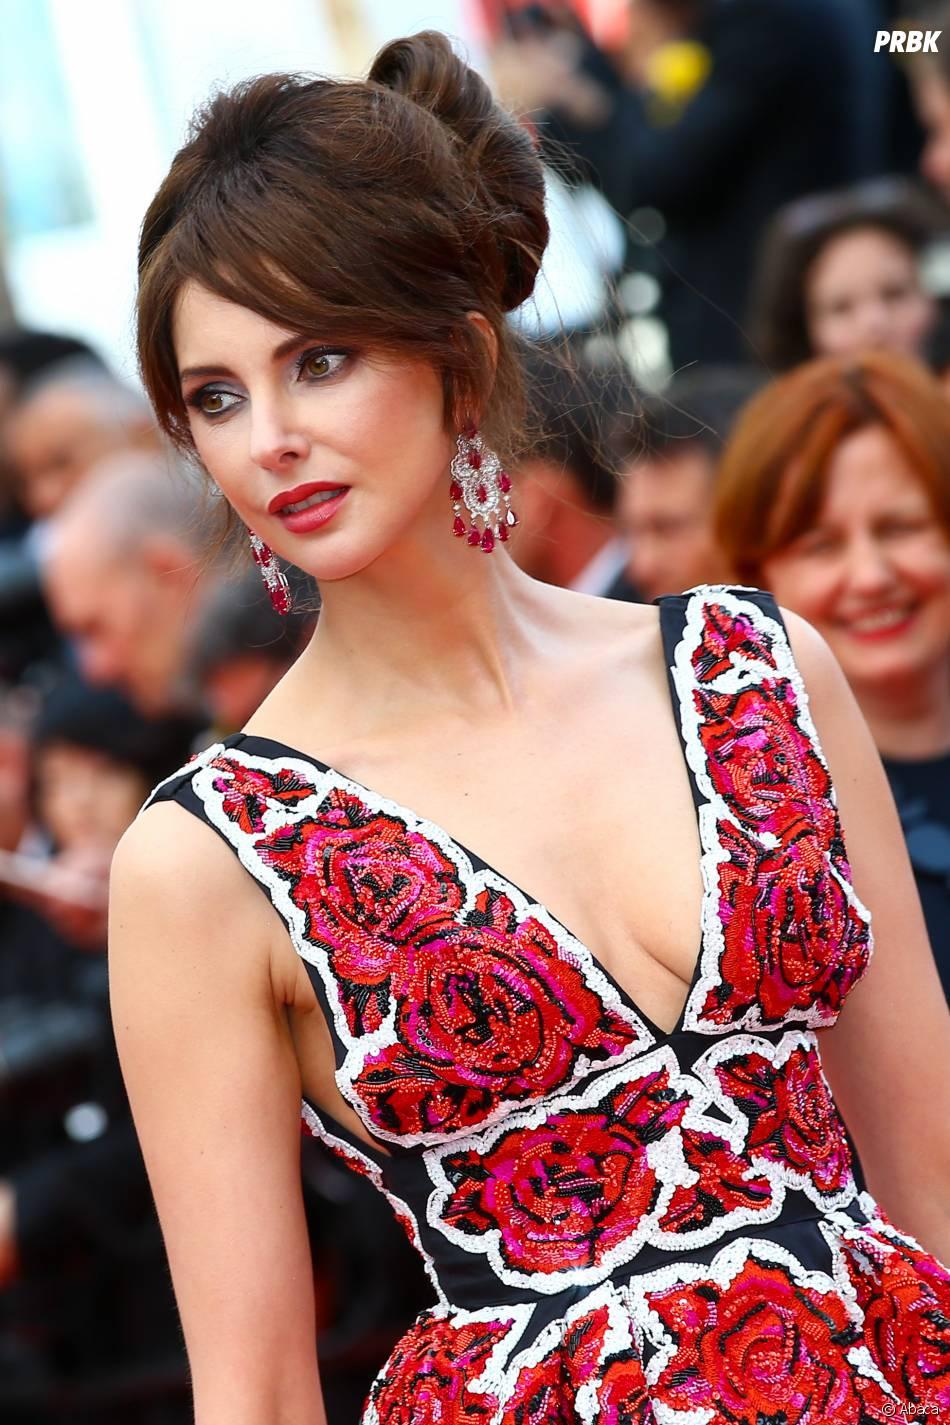 Frédérique Bel sur le tapis rouge de la soirée d'ouverture du Festival de Cannes le 11 mai 2016